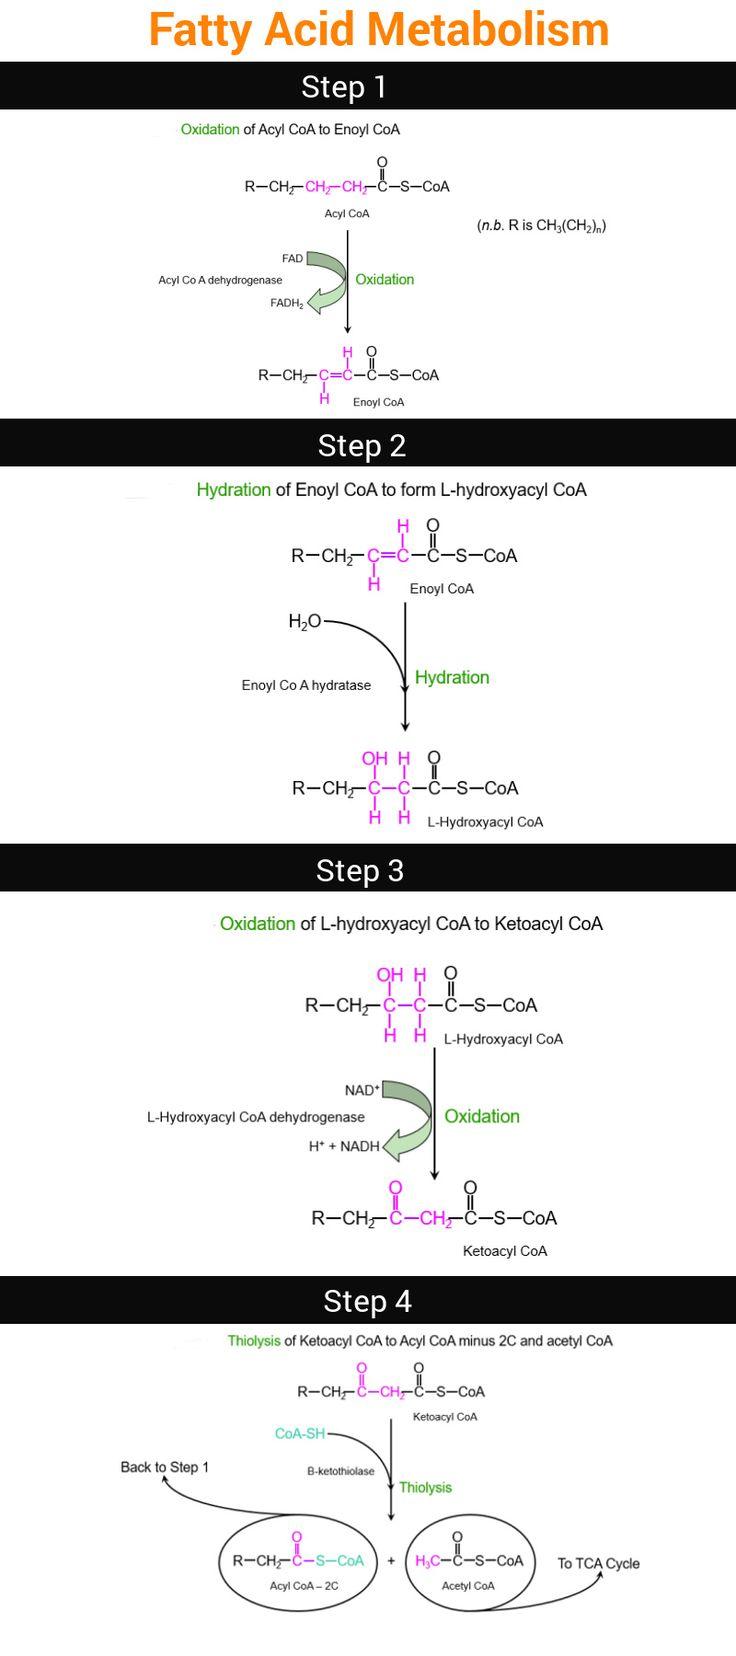 Fatty Acid Metabolism.  #gamsat #biology #fatty #acid #metabolism